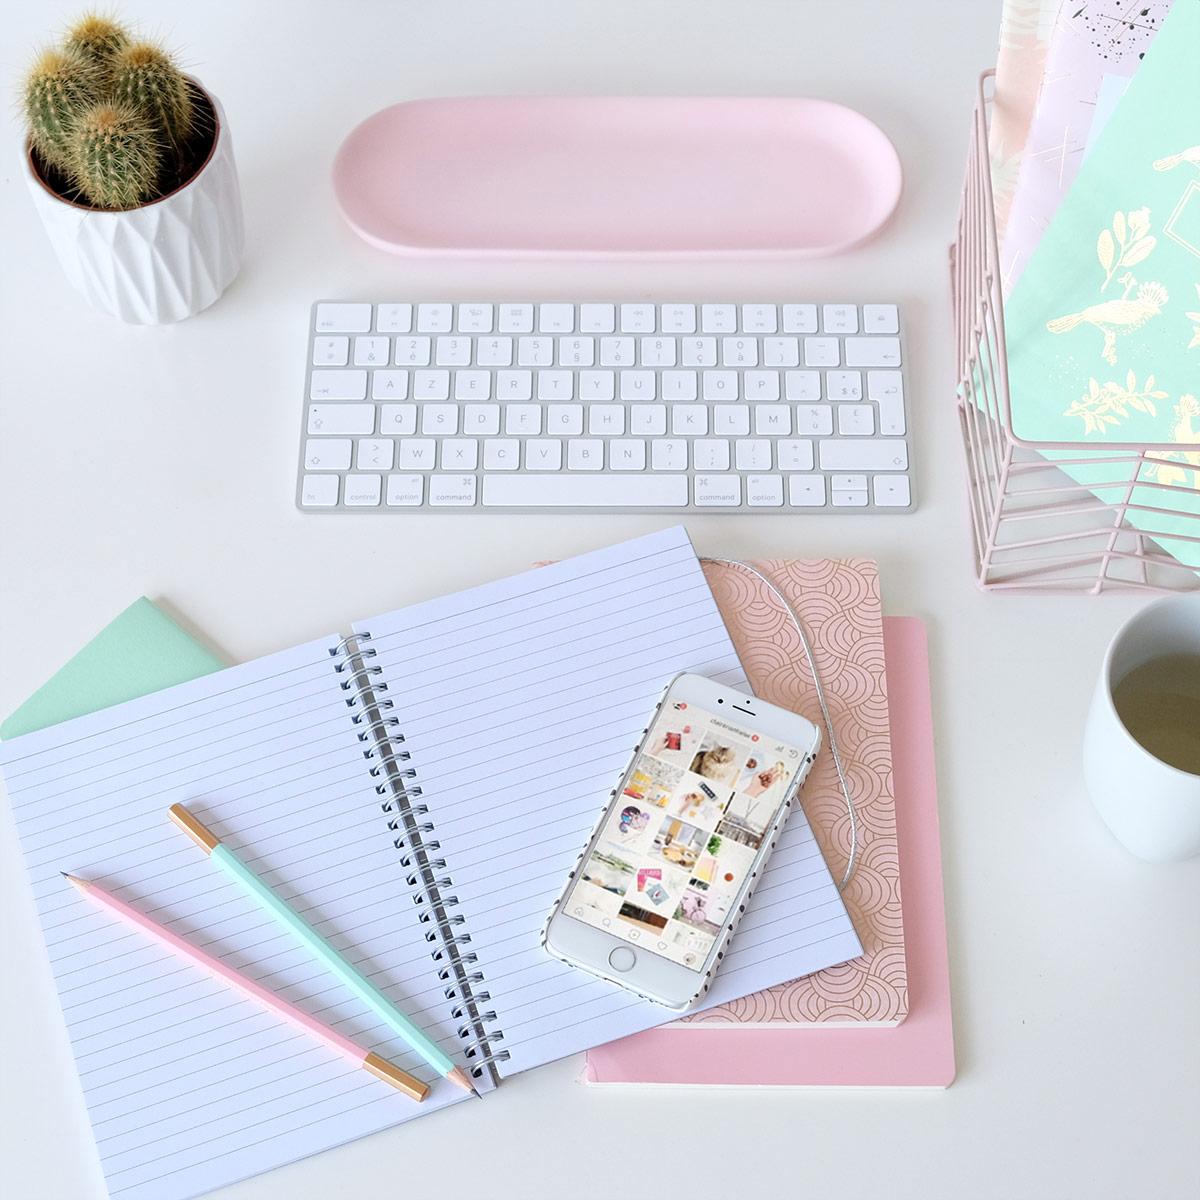 Avoir un blog ou avoir un compte Instagram : qu'est-ce que ça change ?